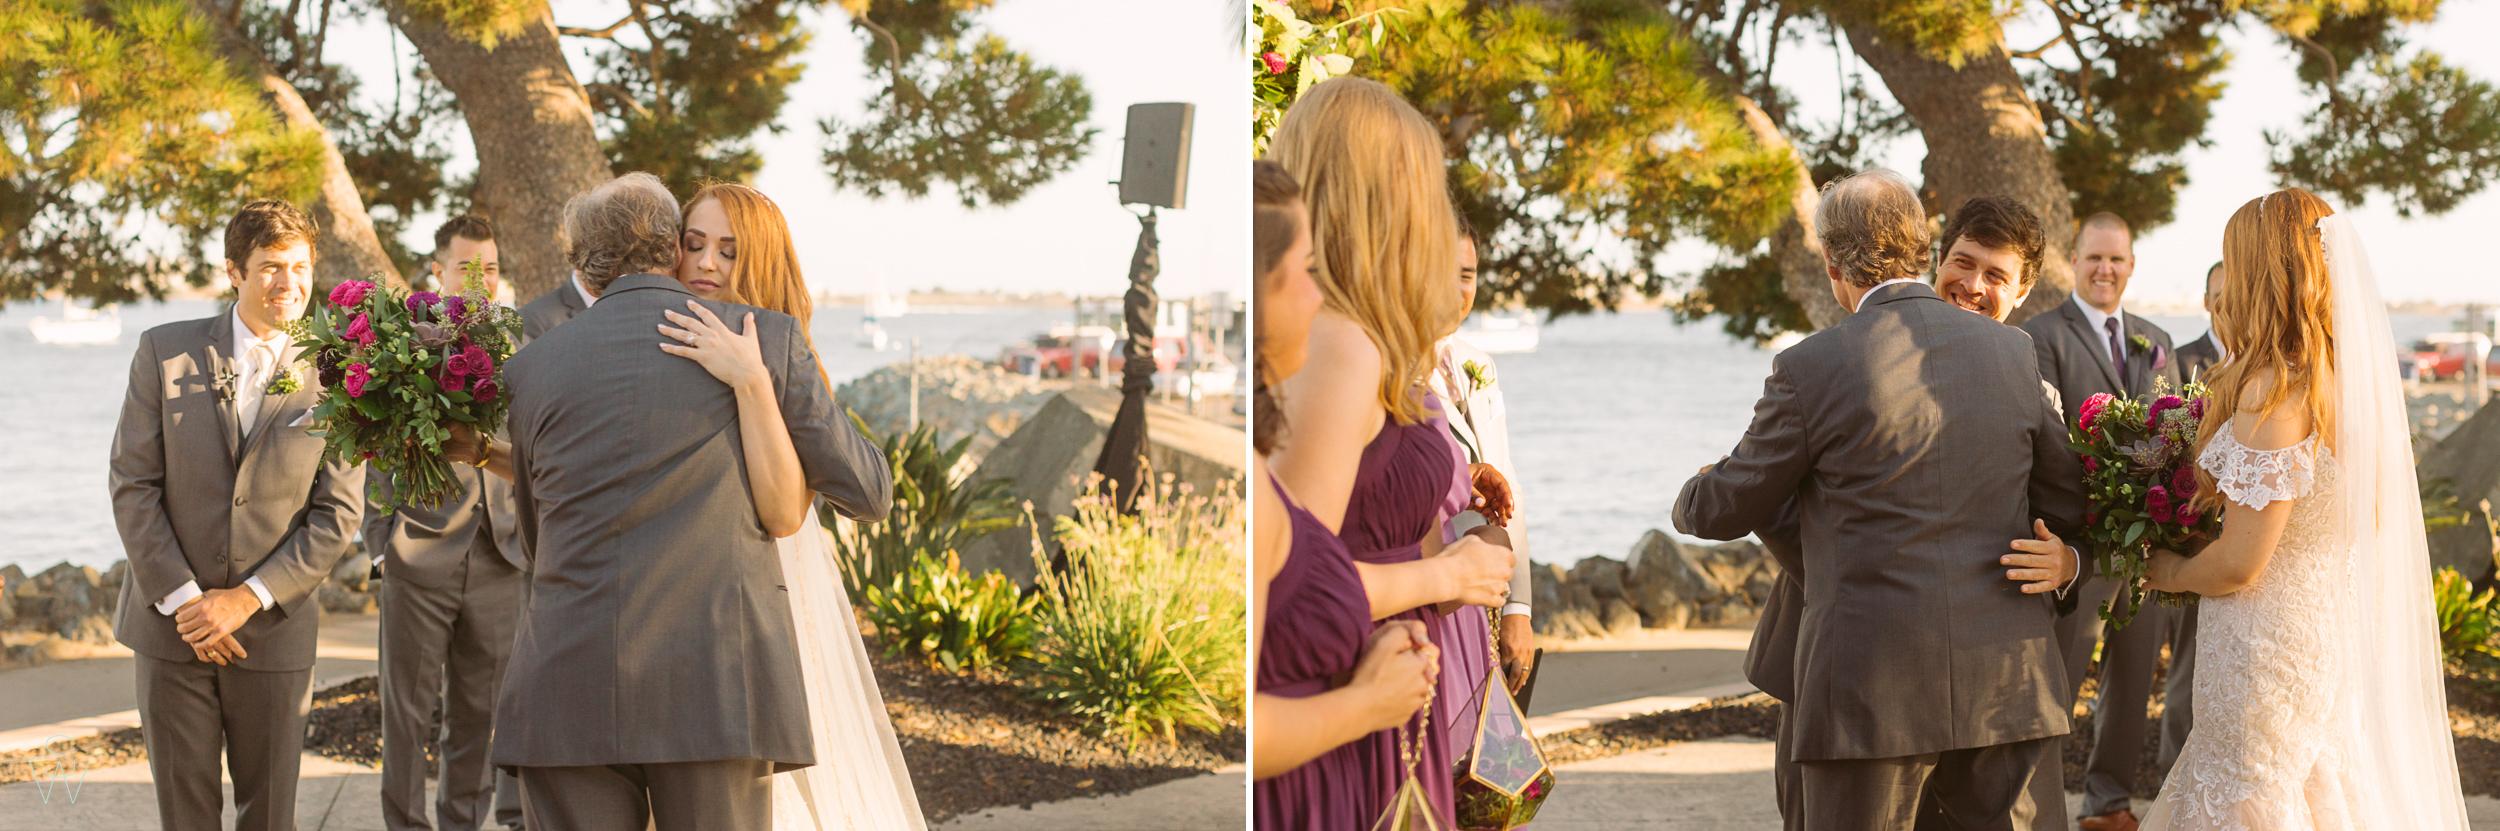 142San.diego.wedding.shewanders.photography.JPG